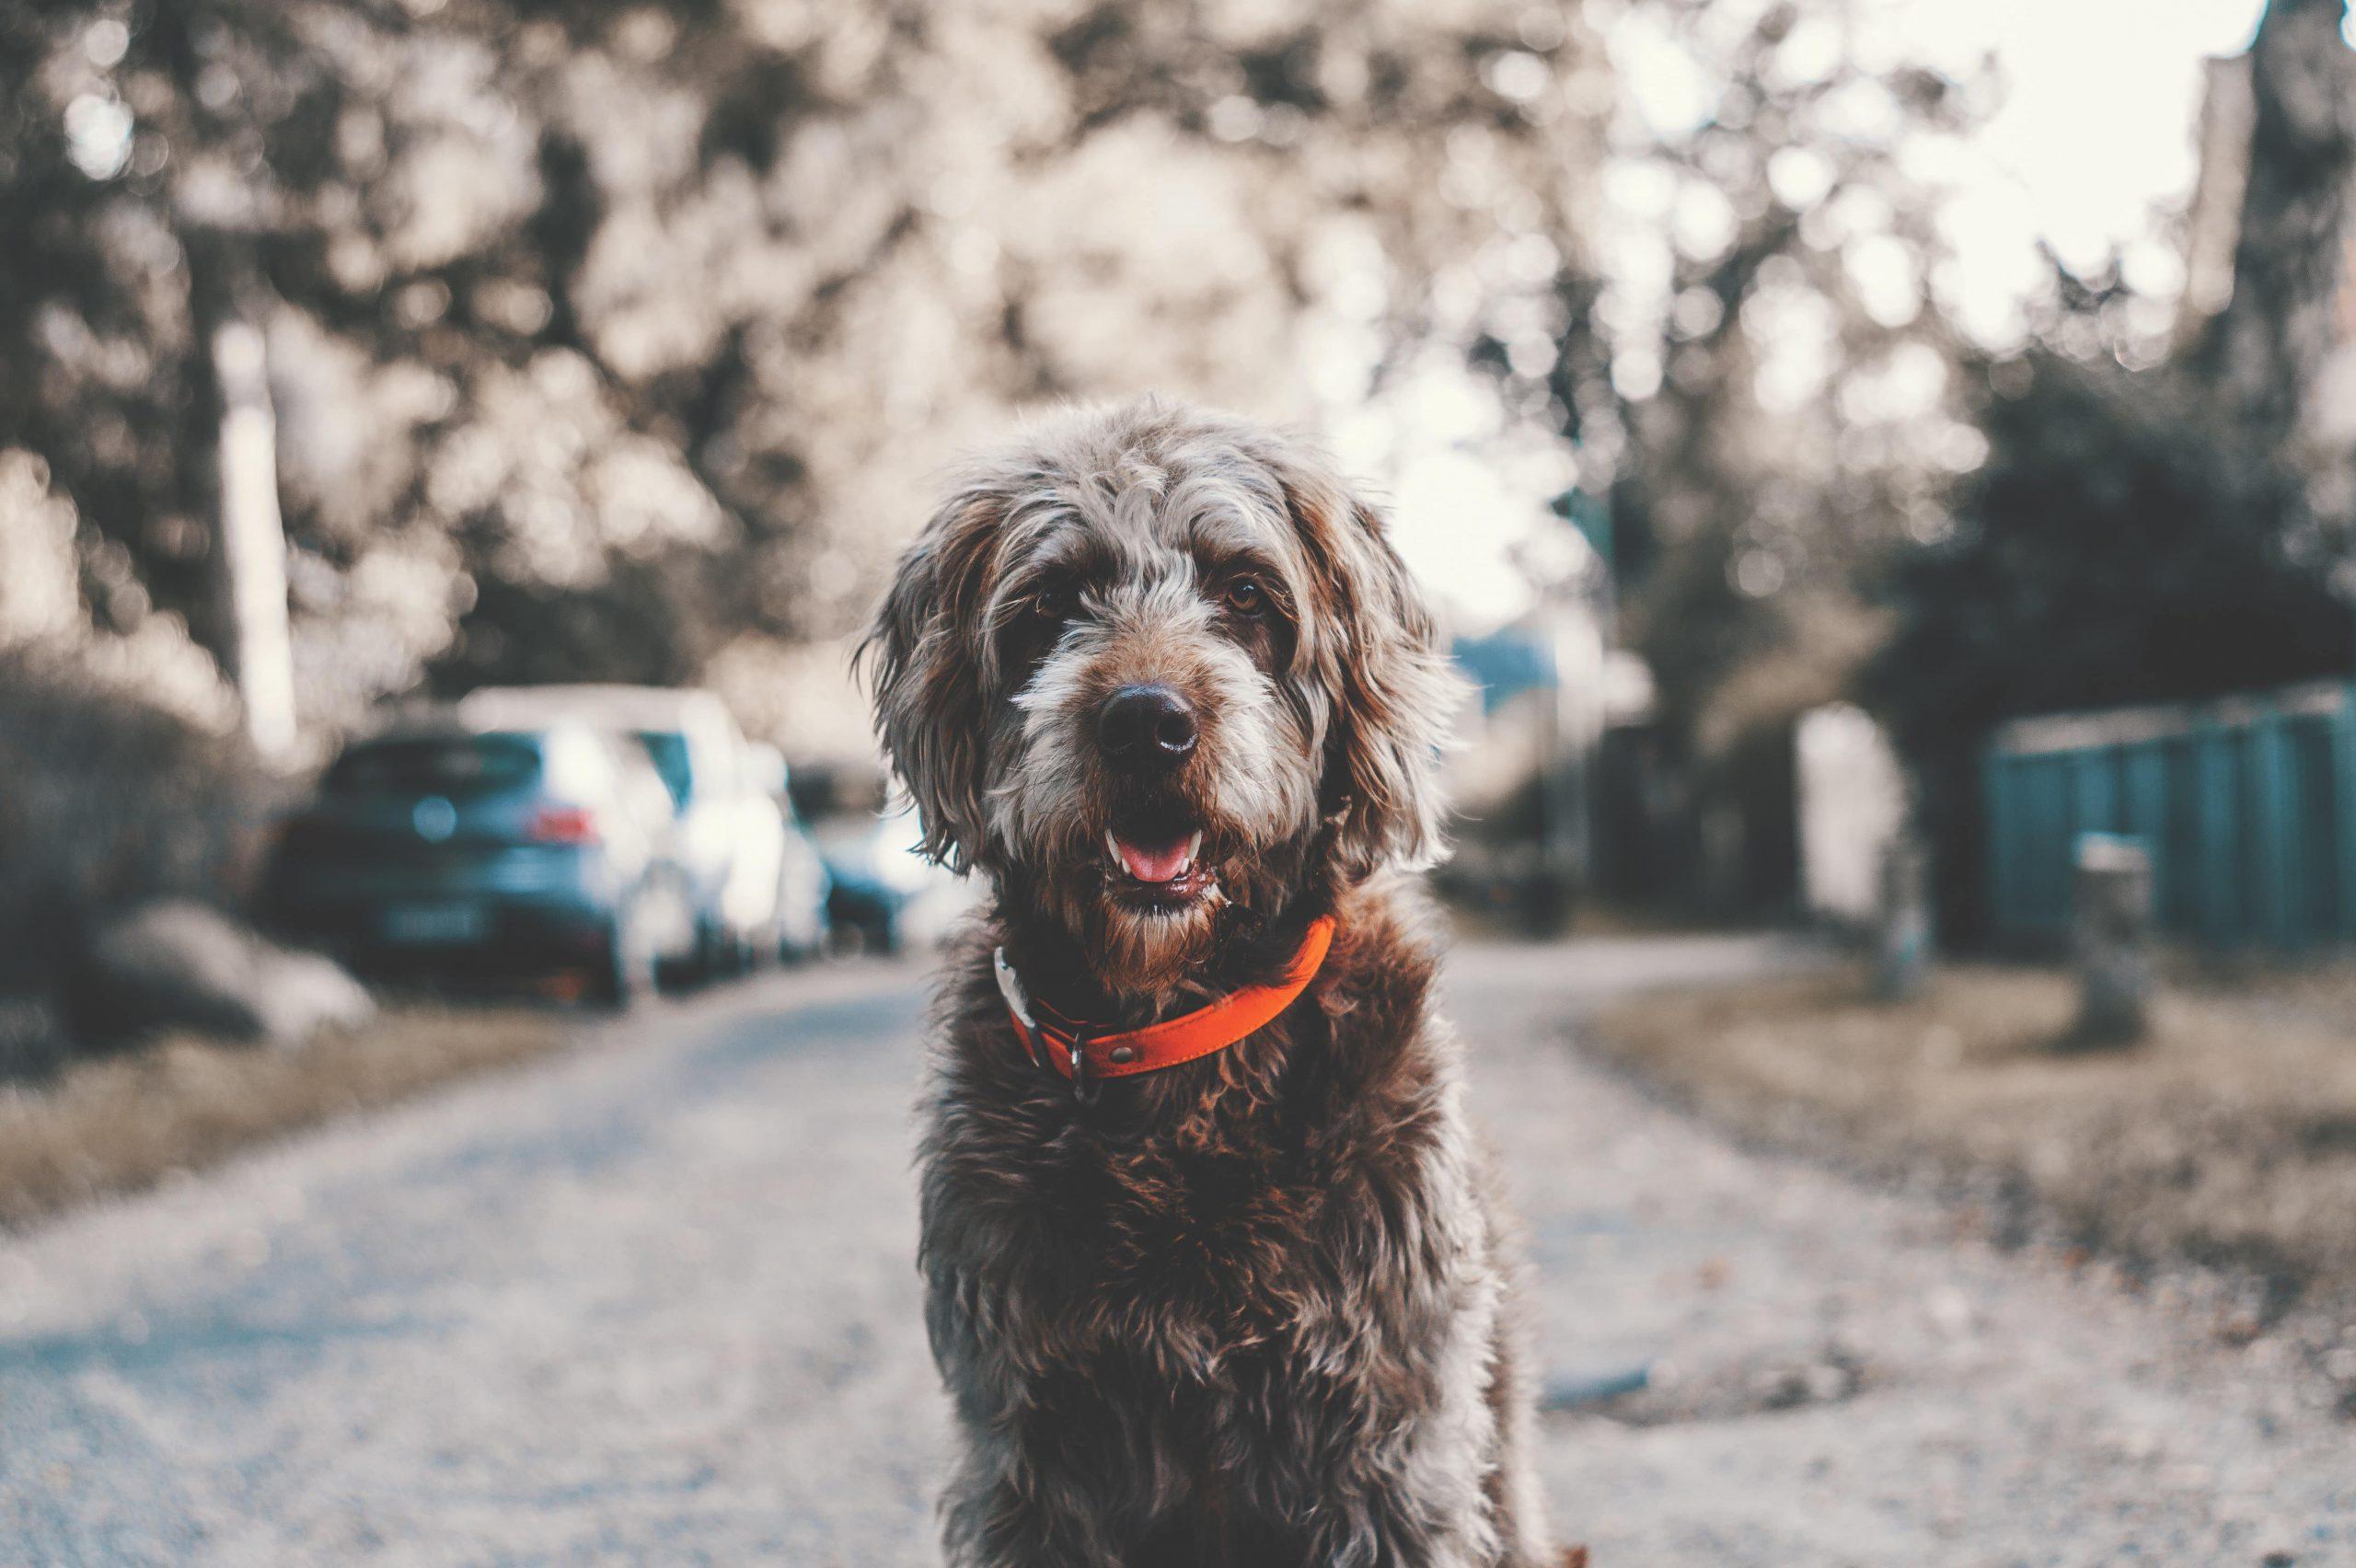 Die 5 häufigsten Krankheiten beim Hund